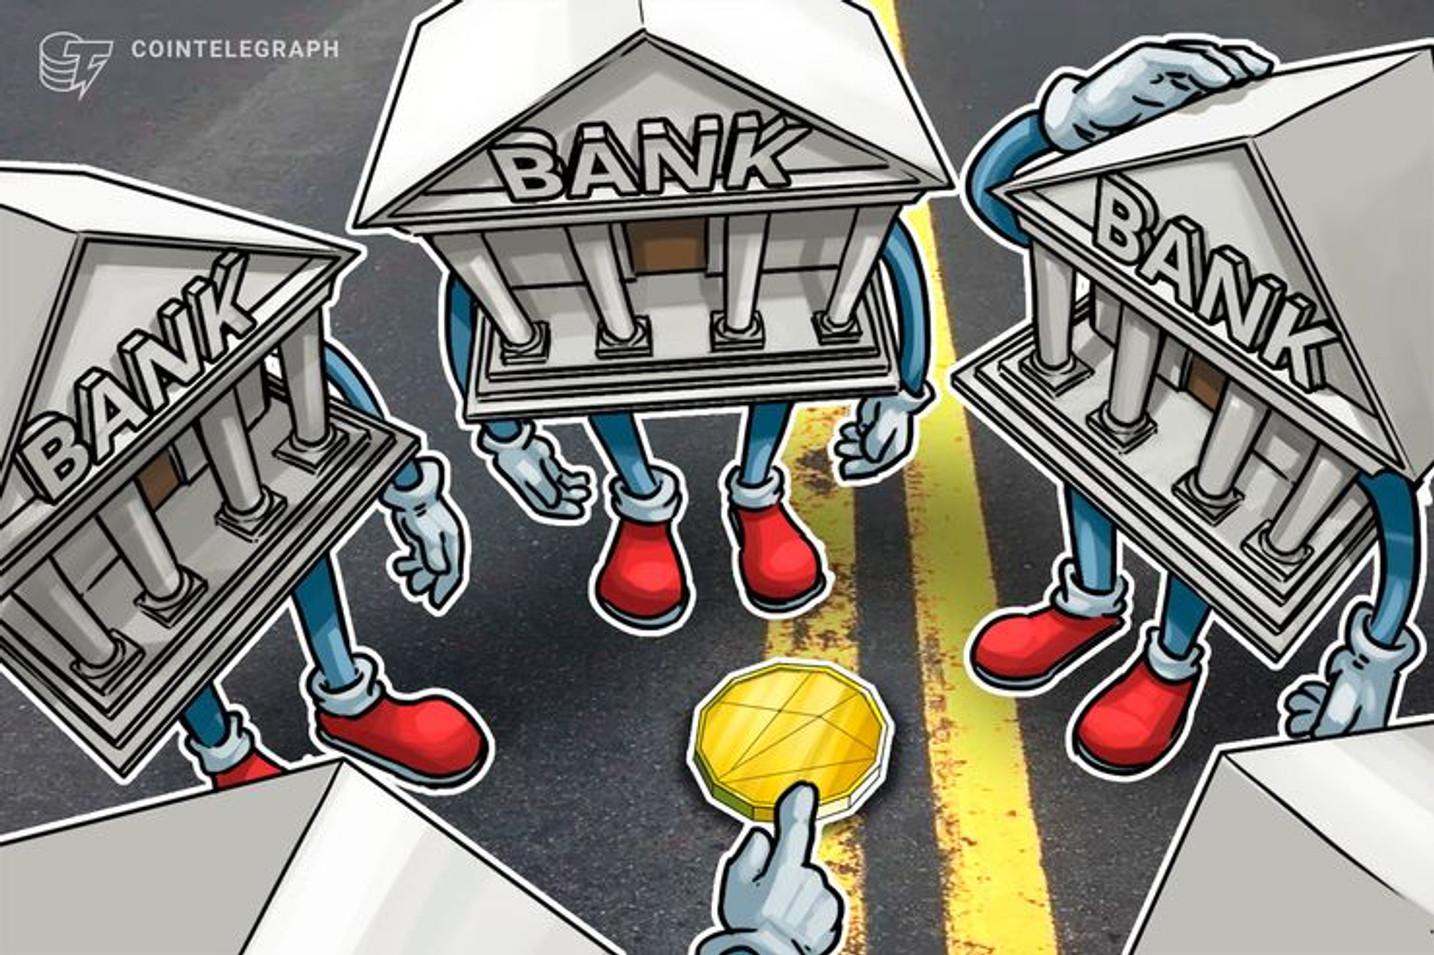 Afeganistão, Tunísia e Uzbequistão pretendem lançar acões públicas em Bitcoin